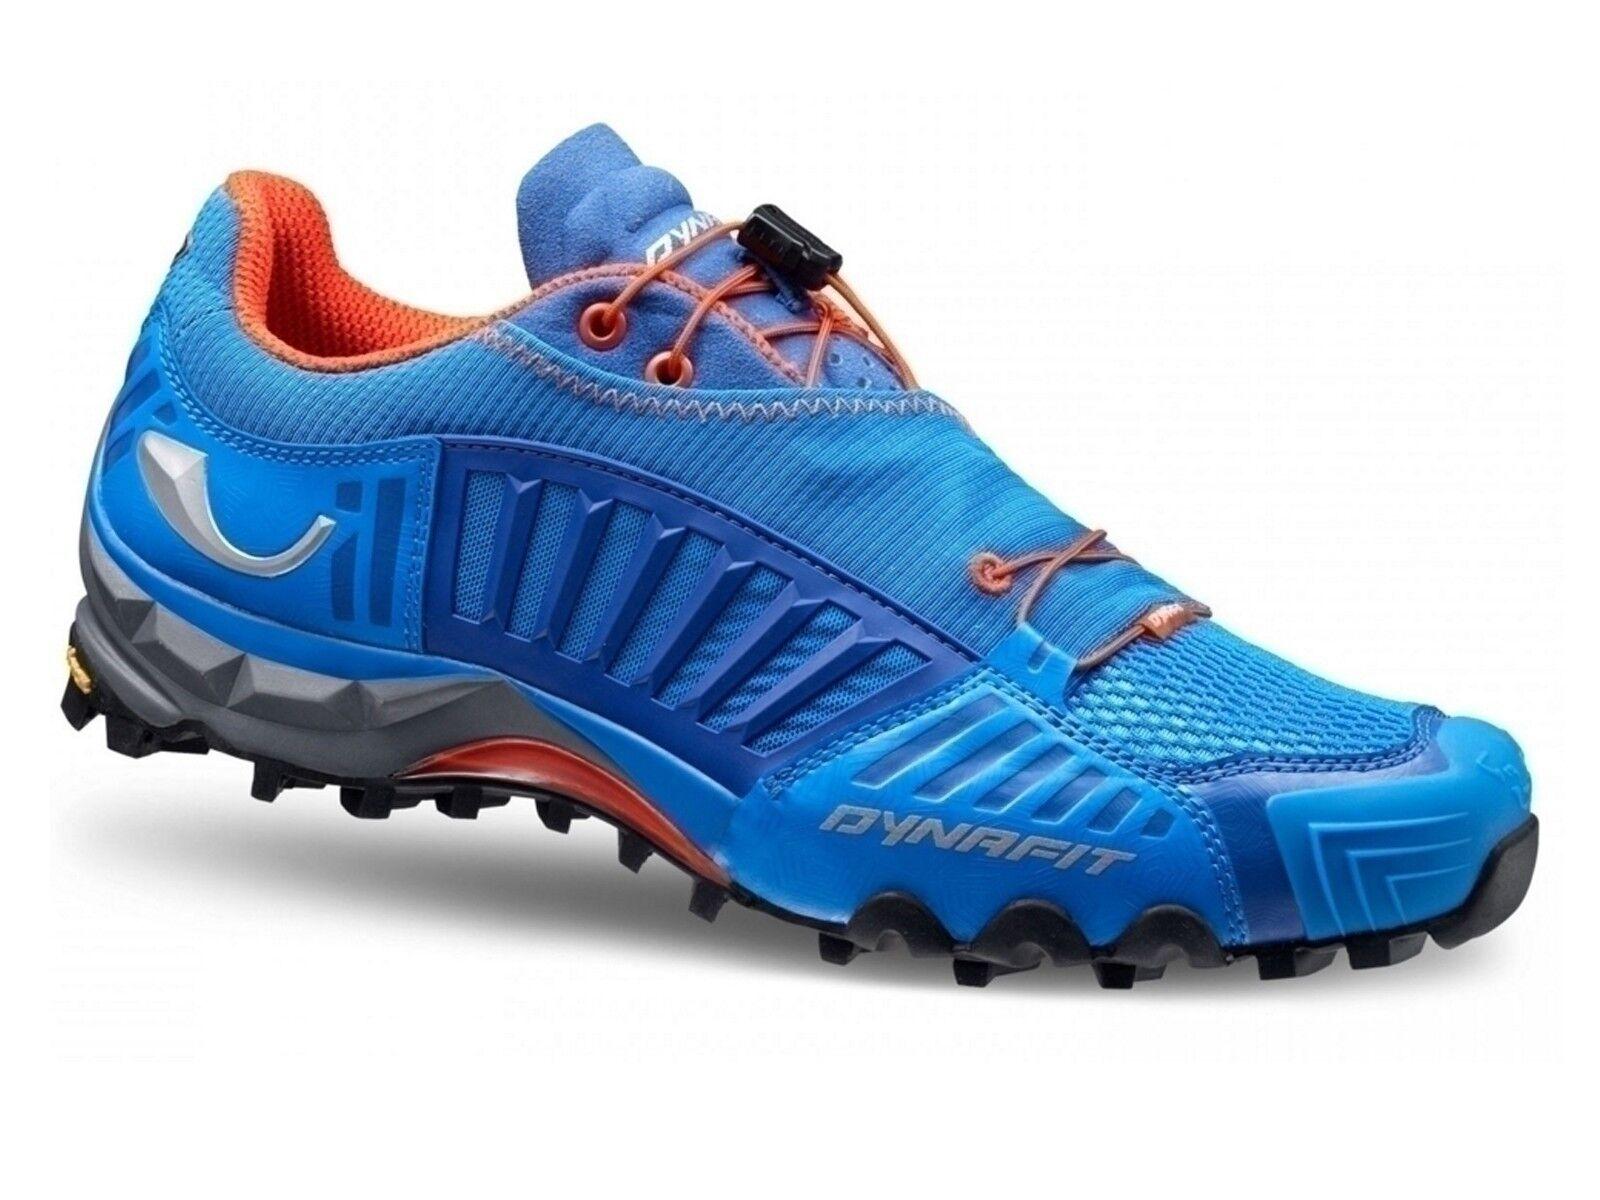 zapatos TRAIL hombres DYNAFIT  64013 3102  MS FELINE SL SPARTA azul UPPERCUT